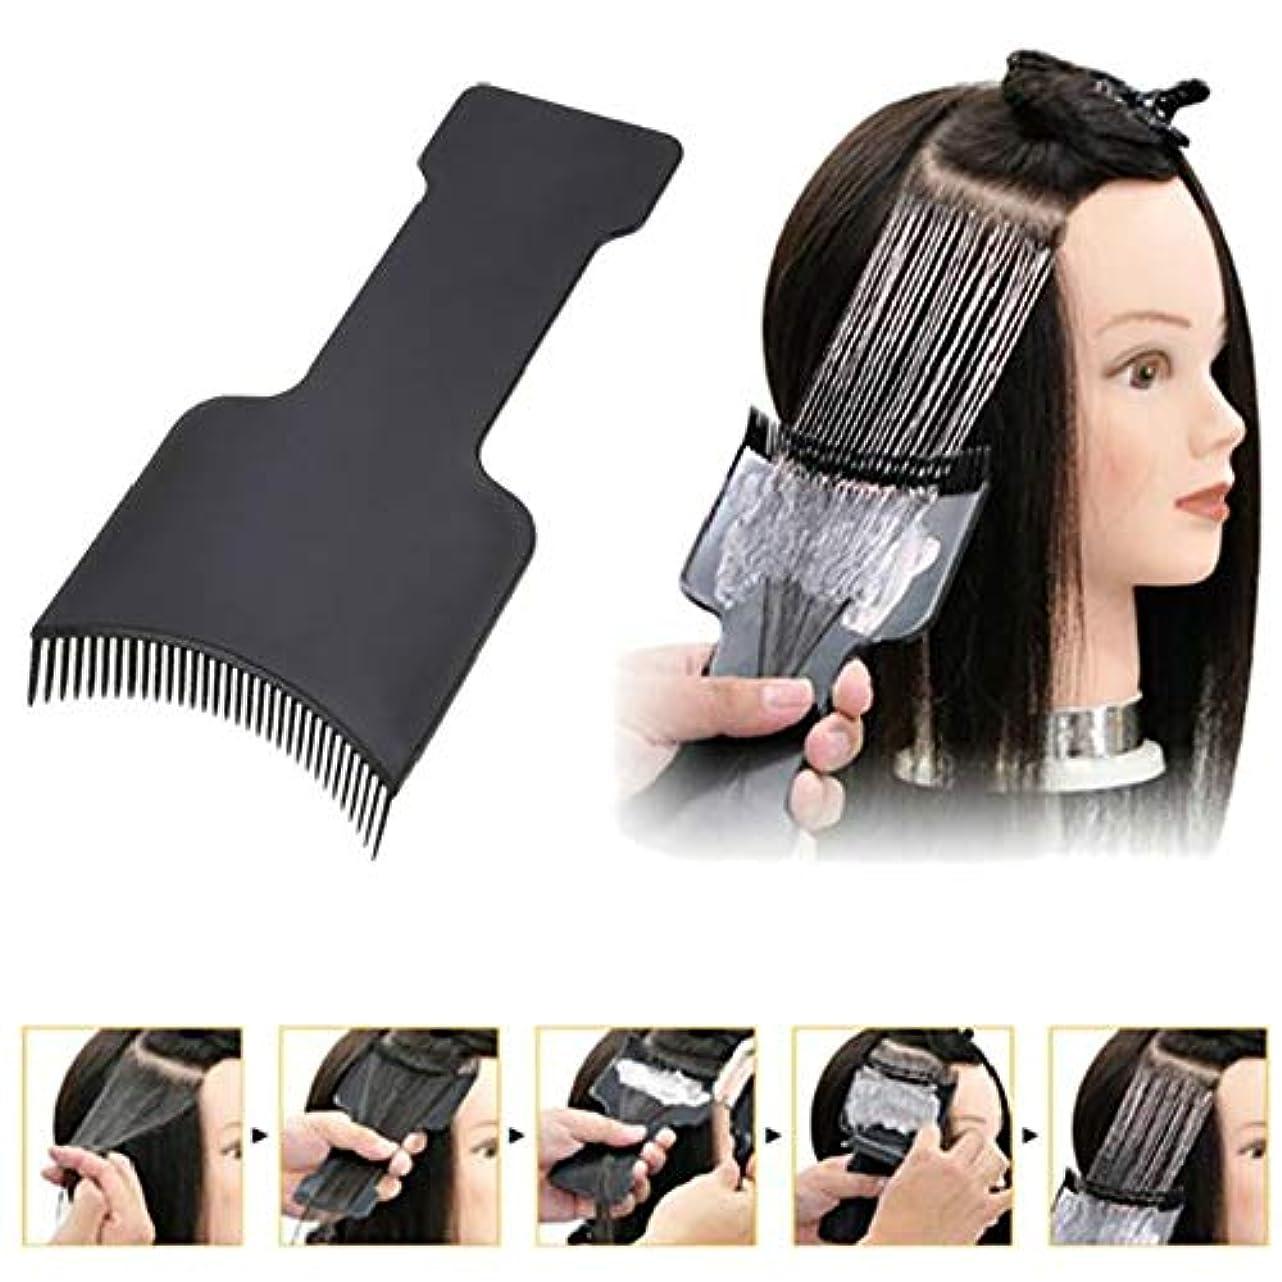 習慣談話バラエティプロのファッション理髪ヘアアプリケータブラシ調剤サロンヘアカラーリング染色ピックカラーボードヘアスタイリングツール (L,ブラック)